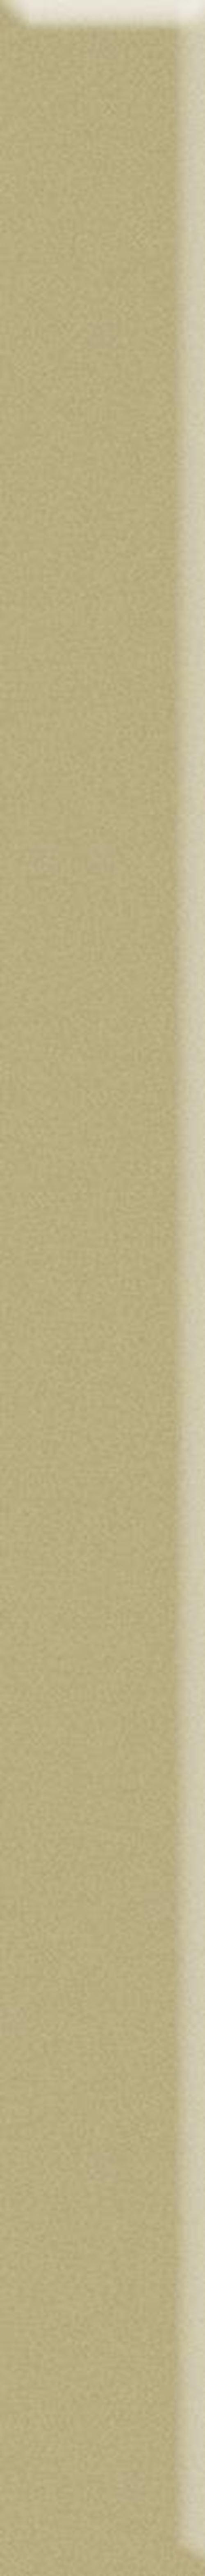 Paradyż Uniwersalna Listwa Szklana Beige